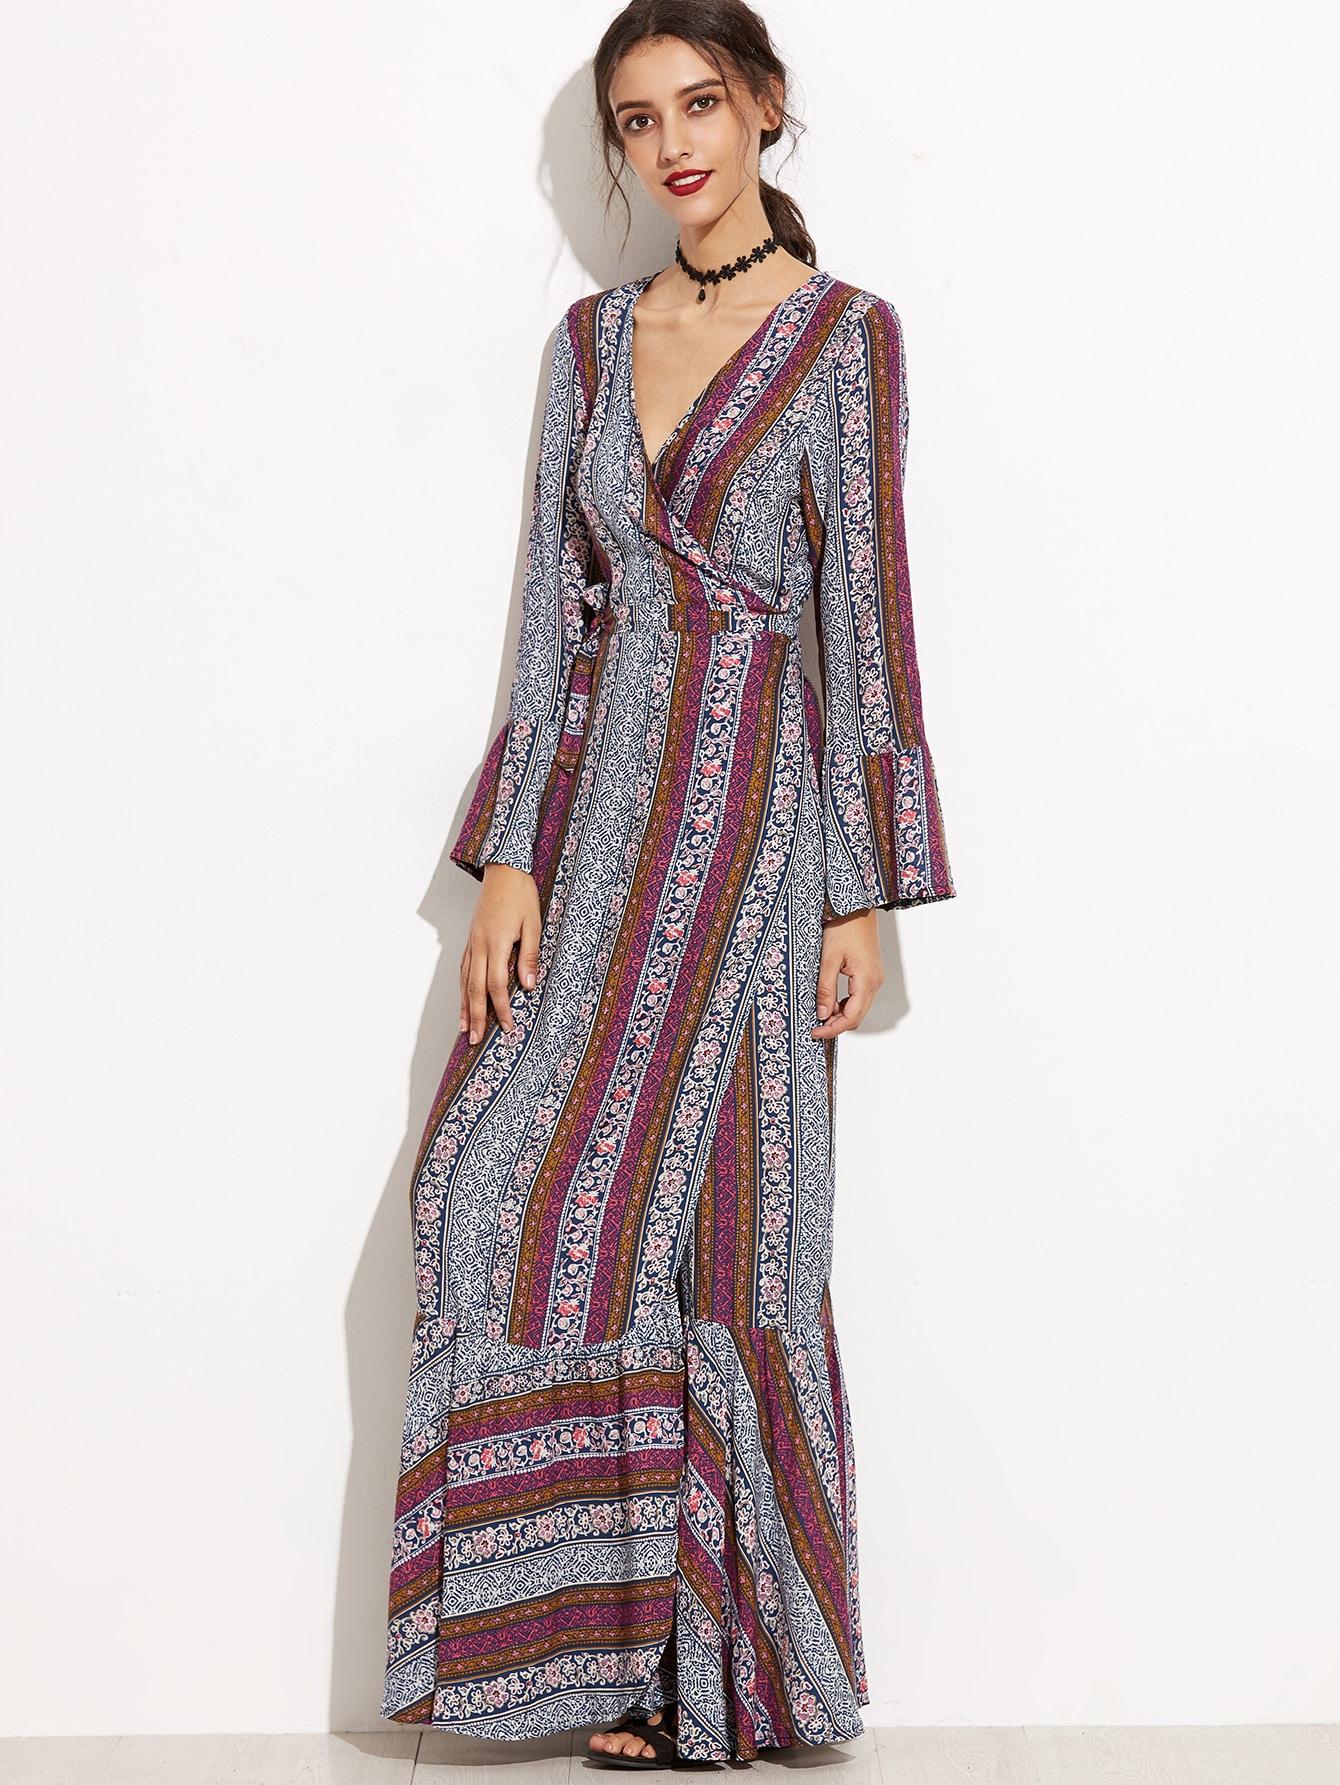 dress160901104_2